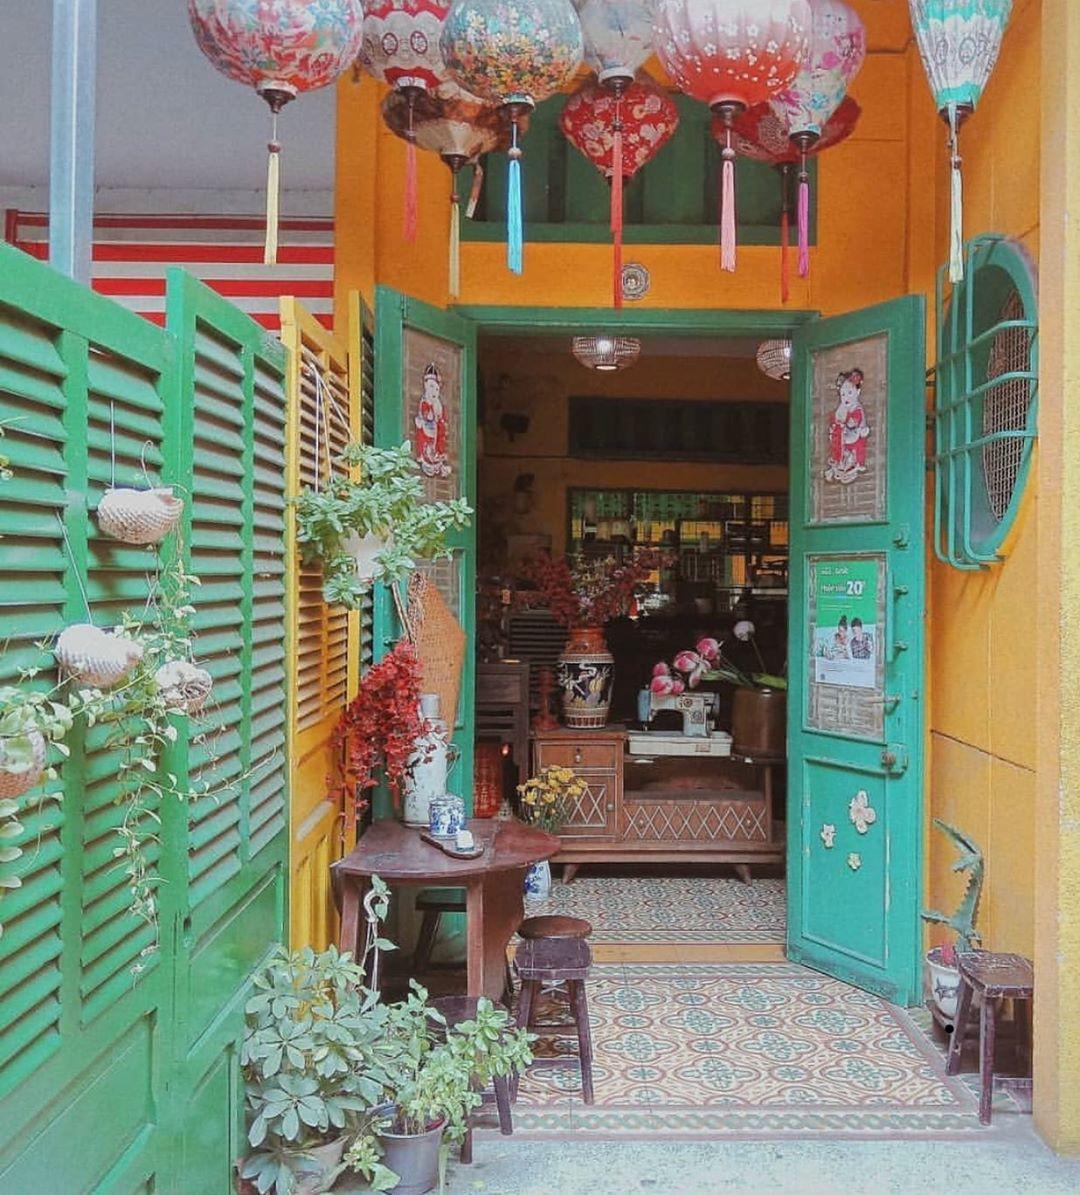 Top 7 địa điểm chụp hình không nên bỏ lỡ trong dịp Trung Thu tại Sài Gòn - Ảnh 18.